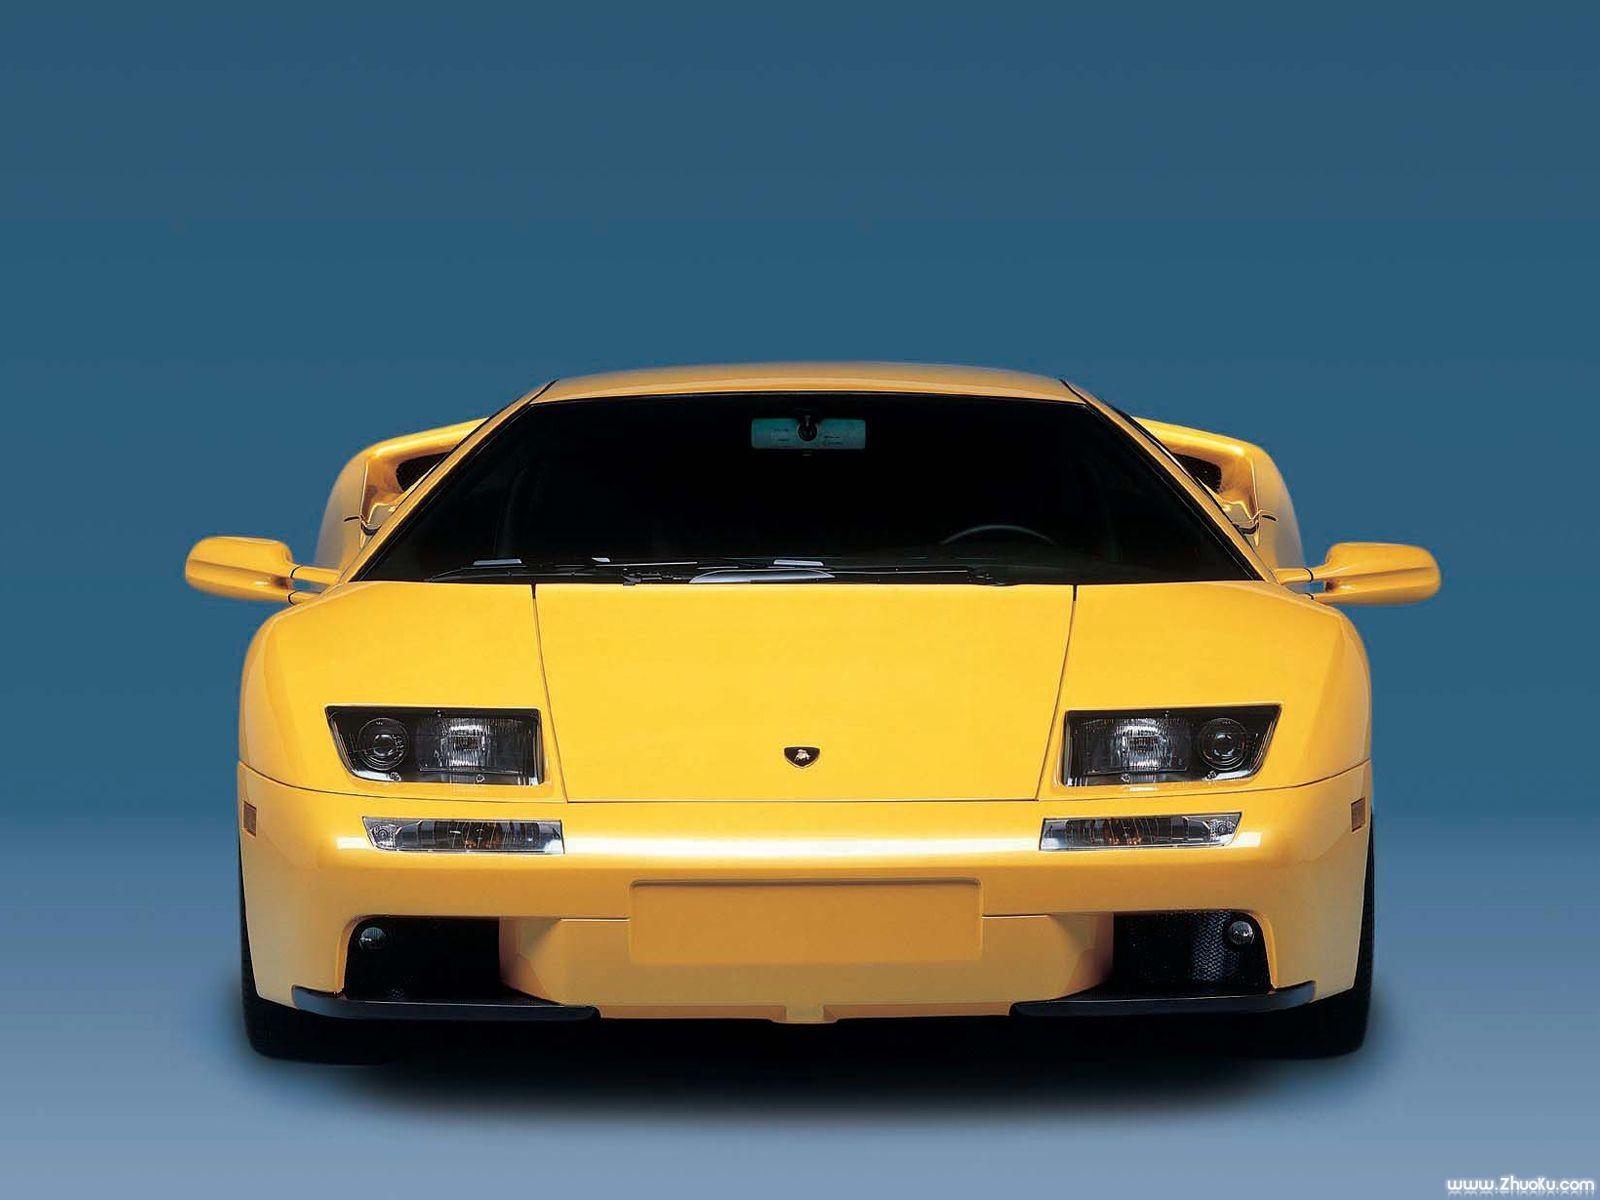 黄色兰博基尼汽车壁纸图片